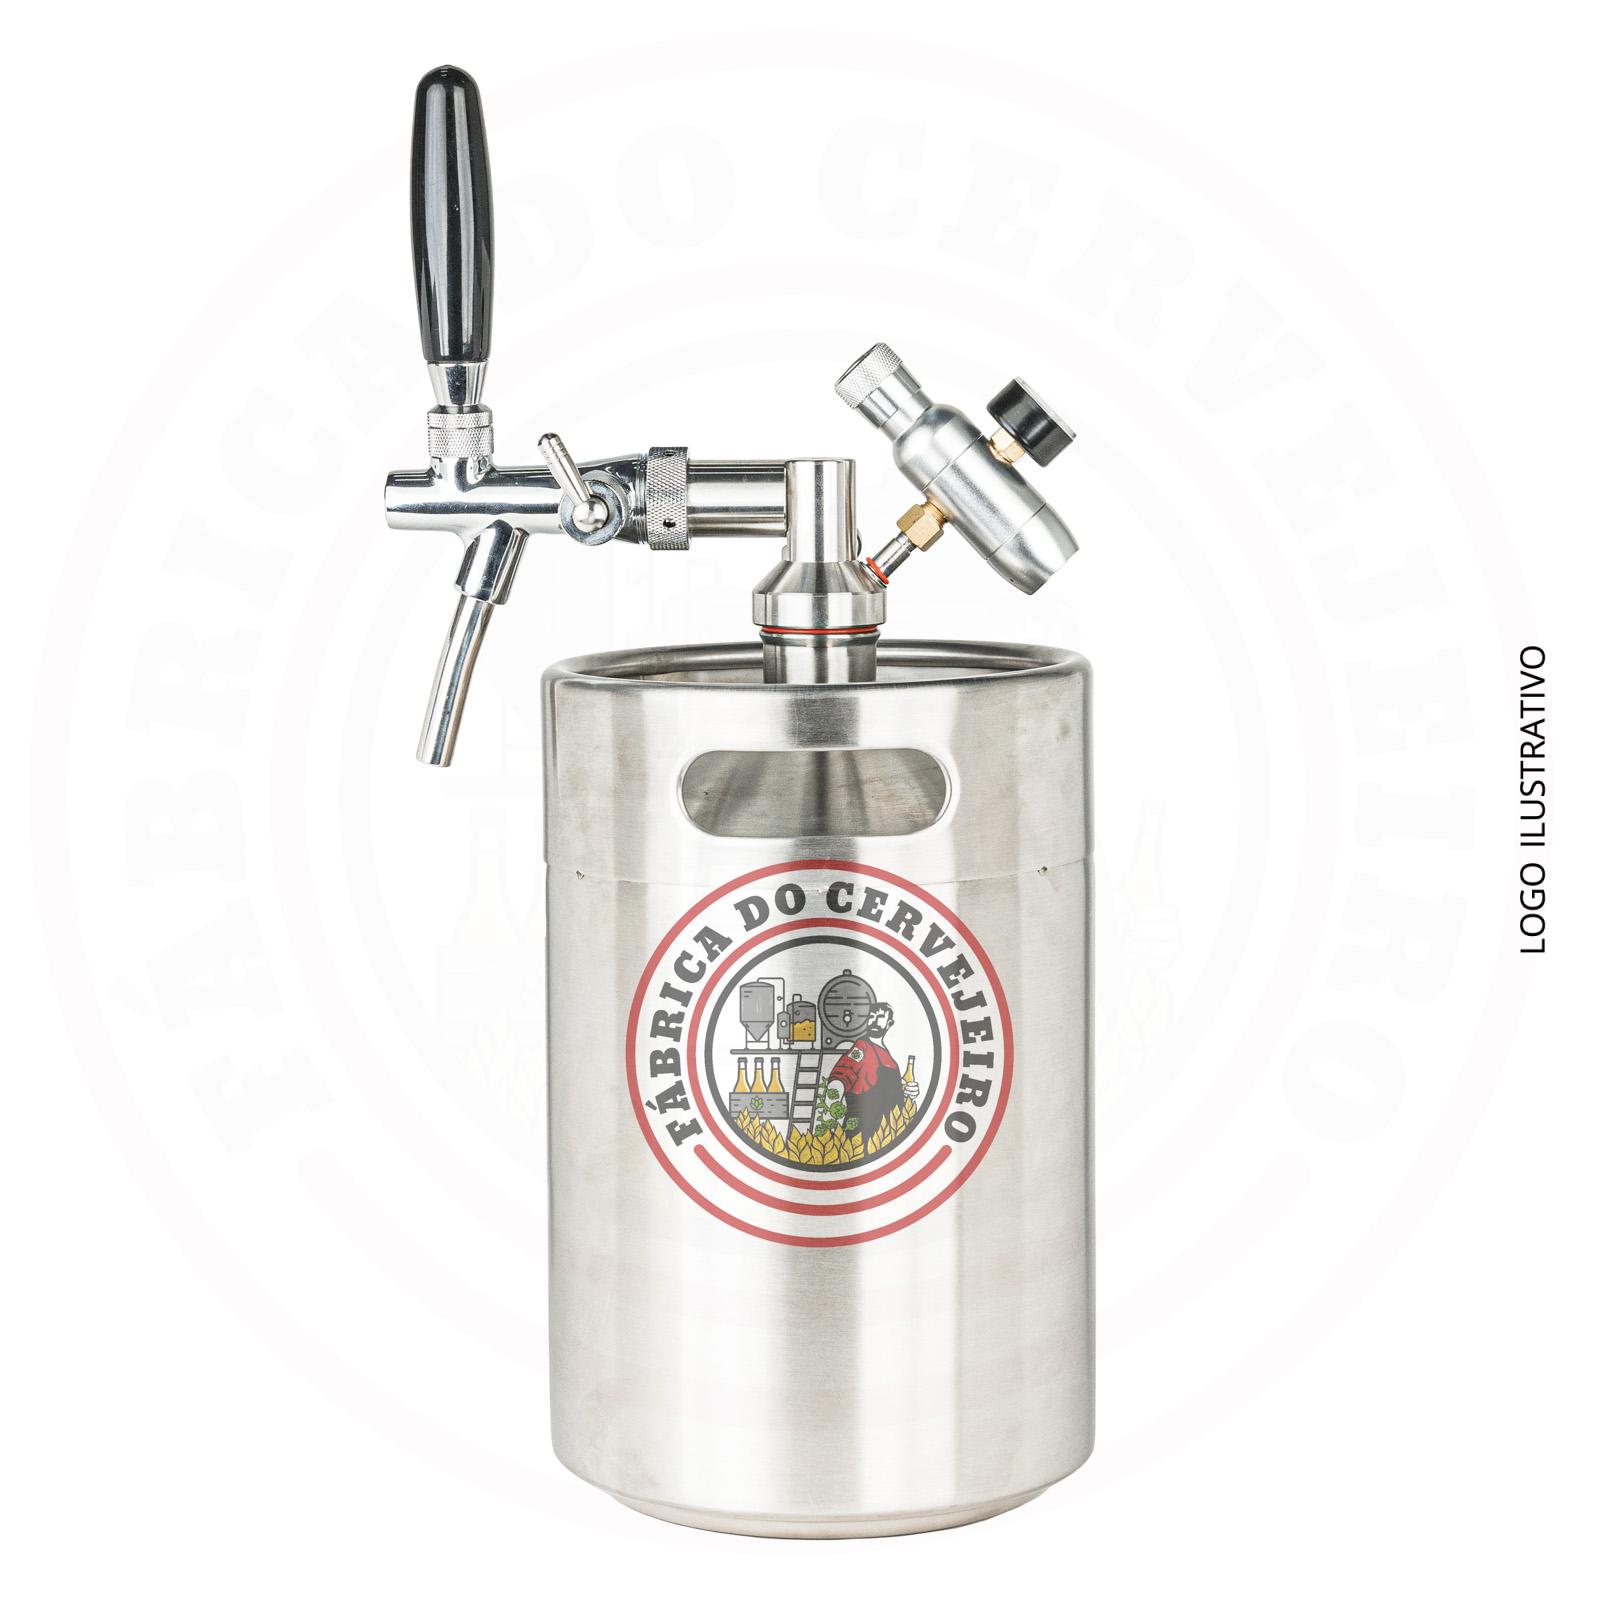 Kit mini keg growler 5L com torneira italiana e mini regulador